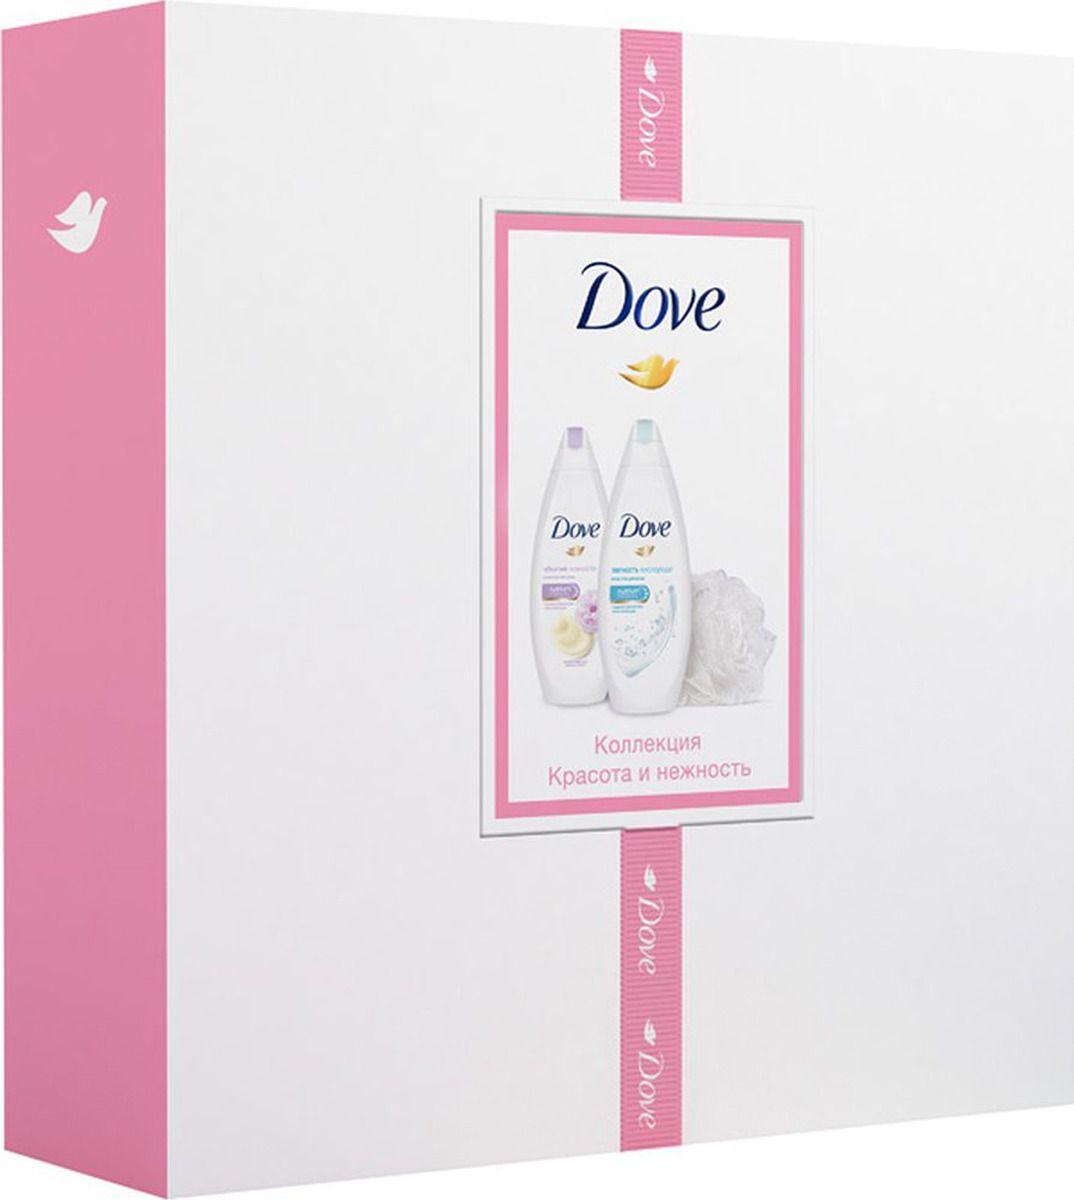 Подарочный набор Dove Коллекция Красота и нежность 3 предмета